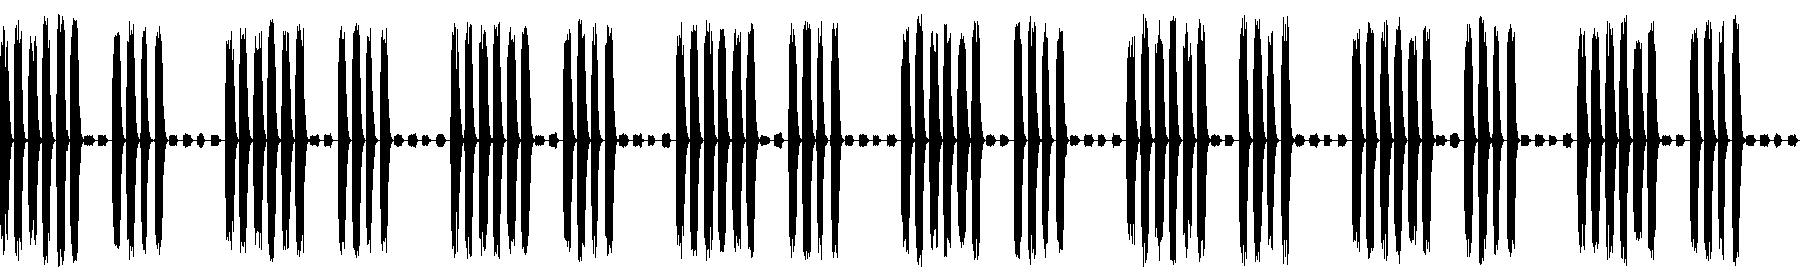 syn20 110